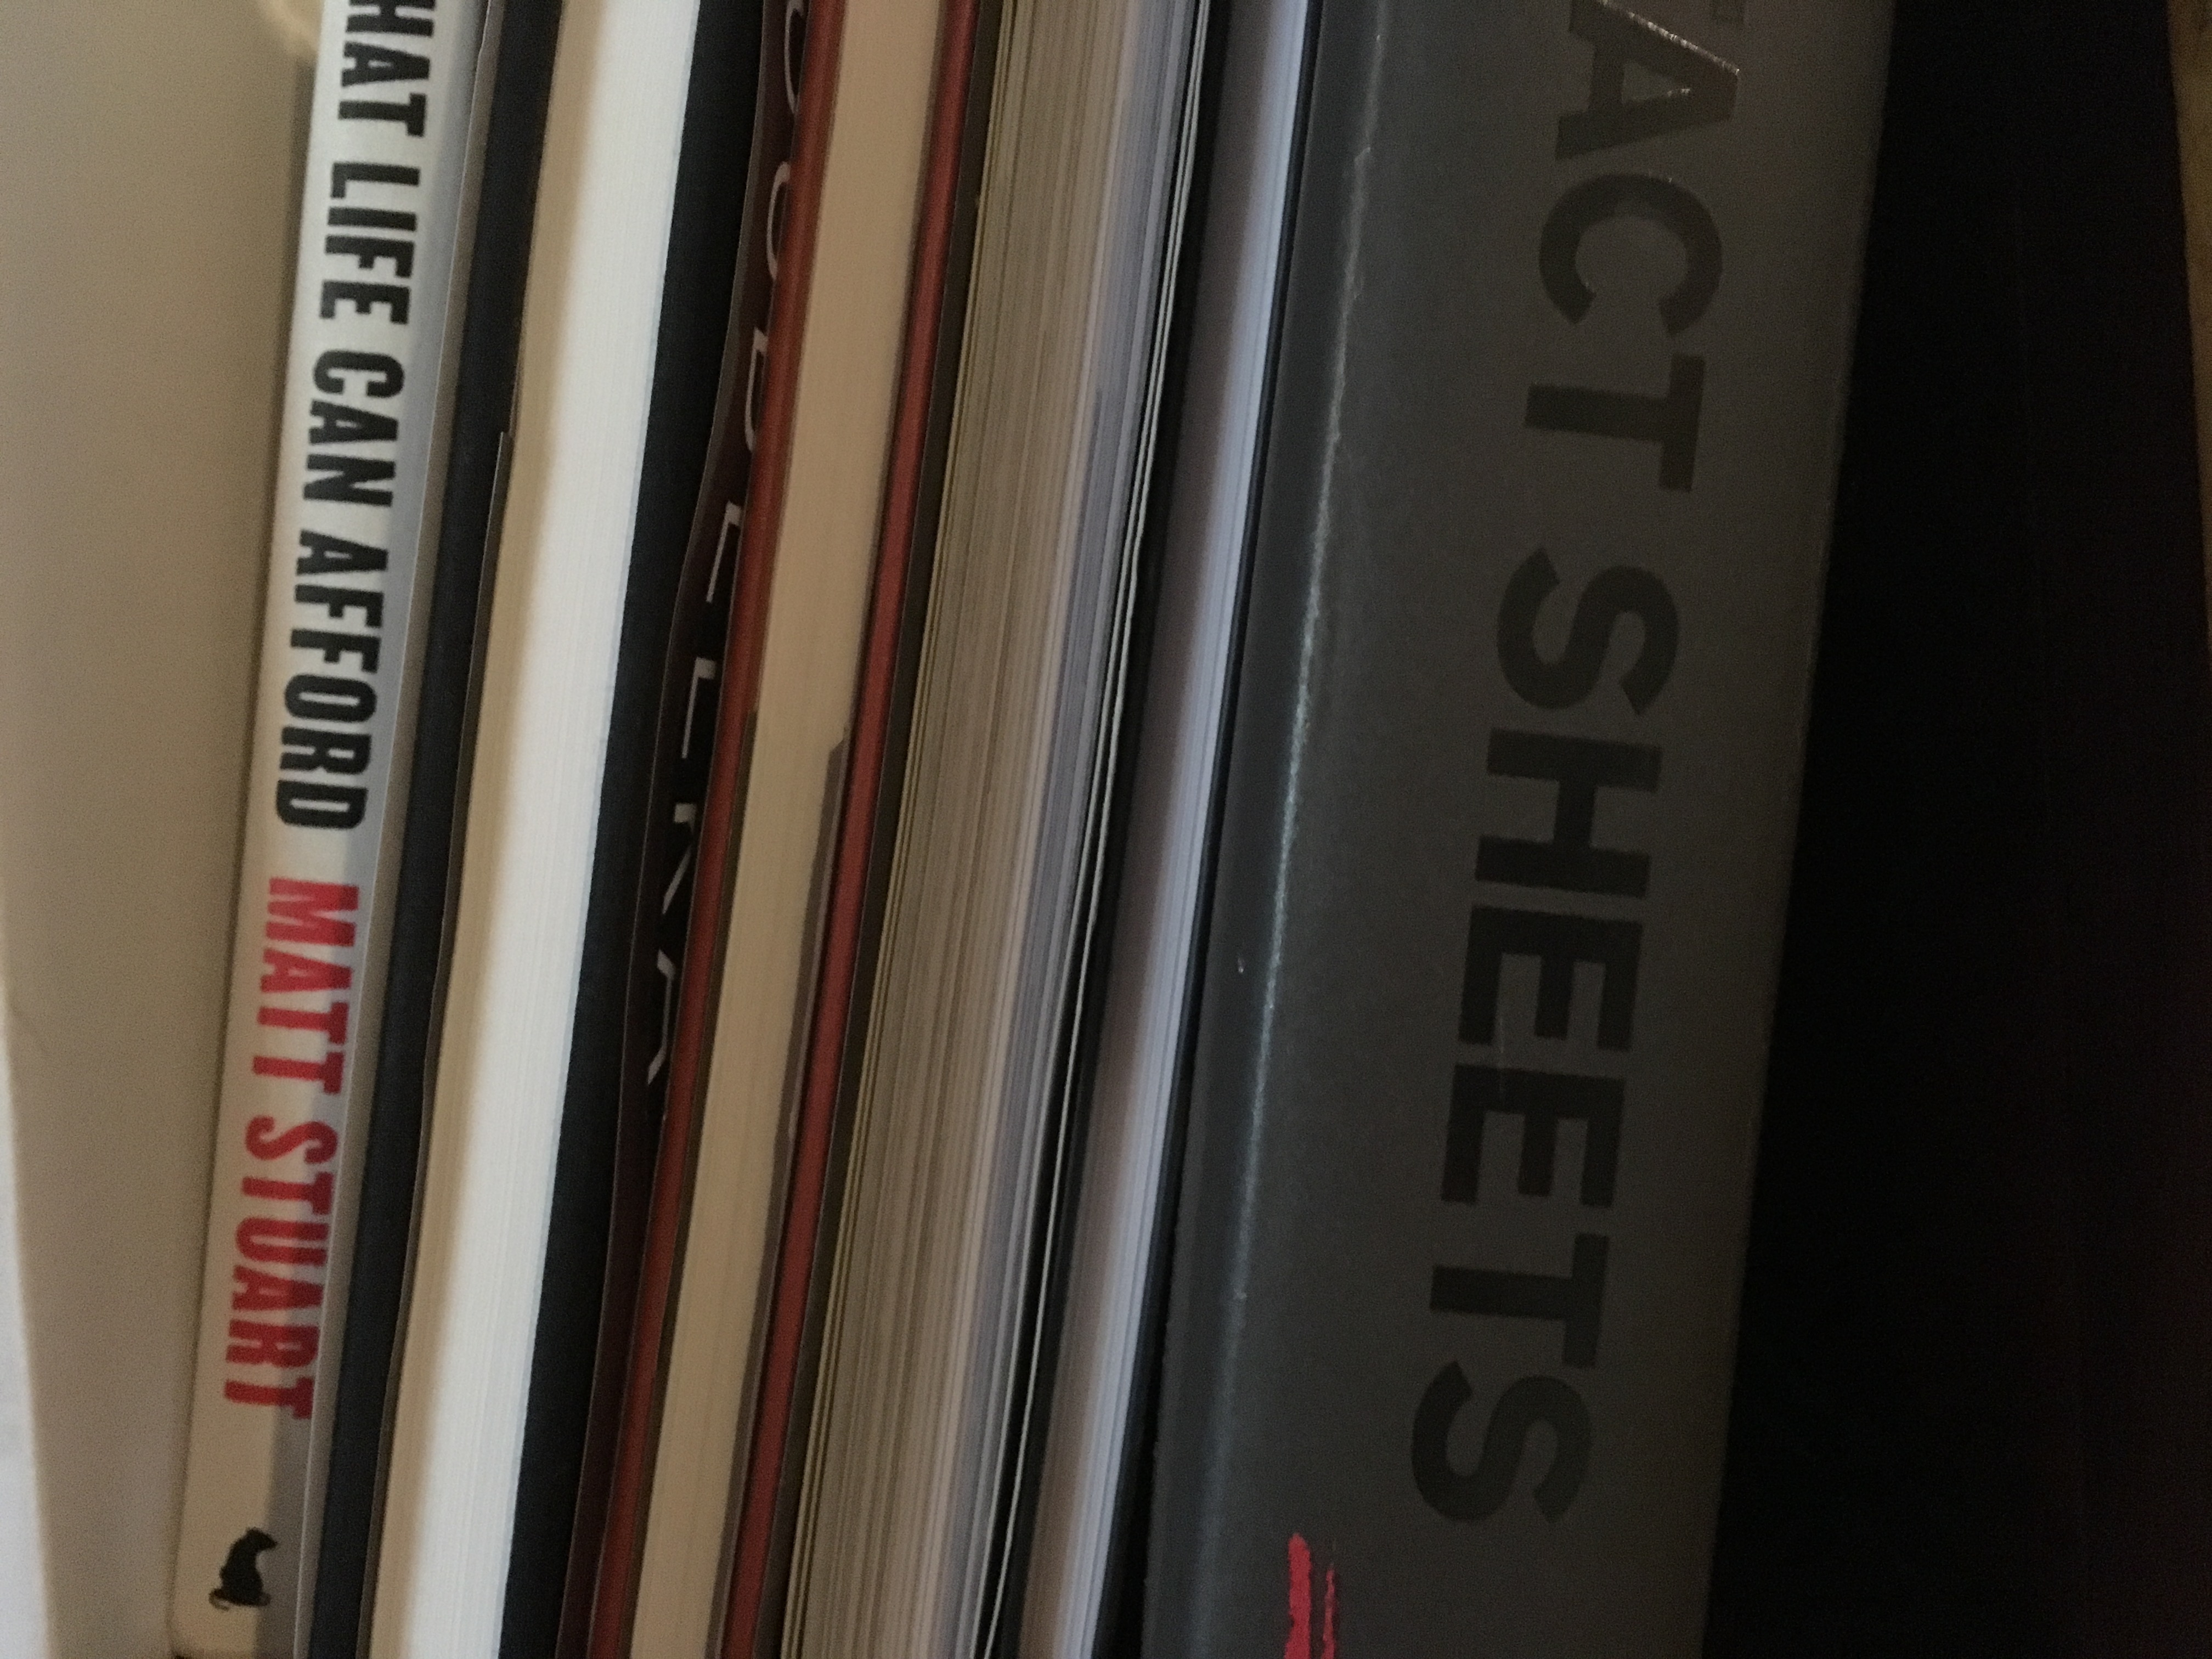 photo books on a shelf